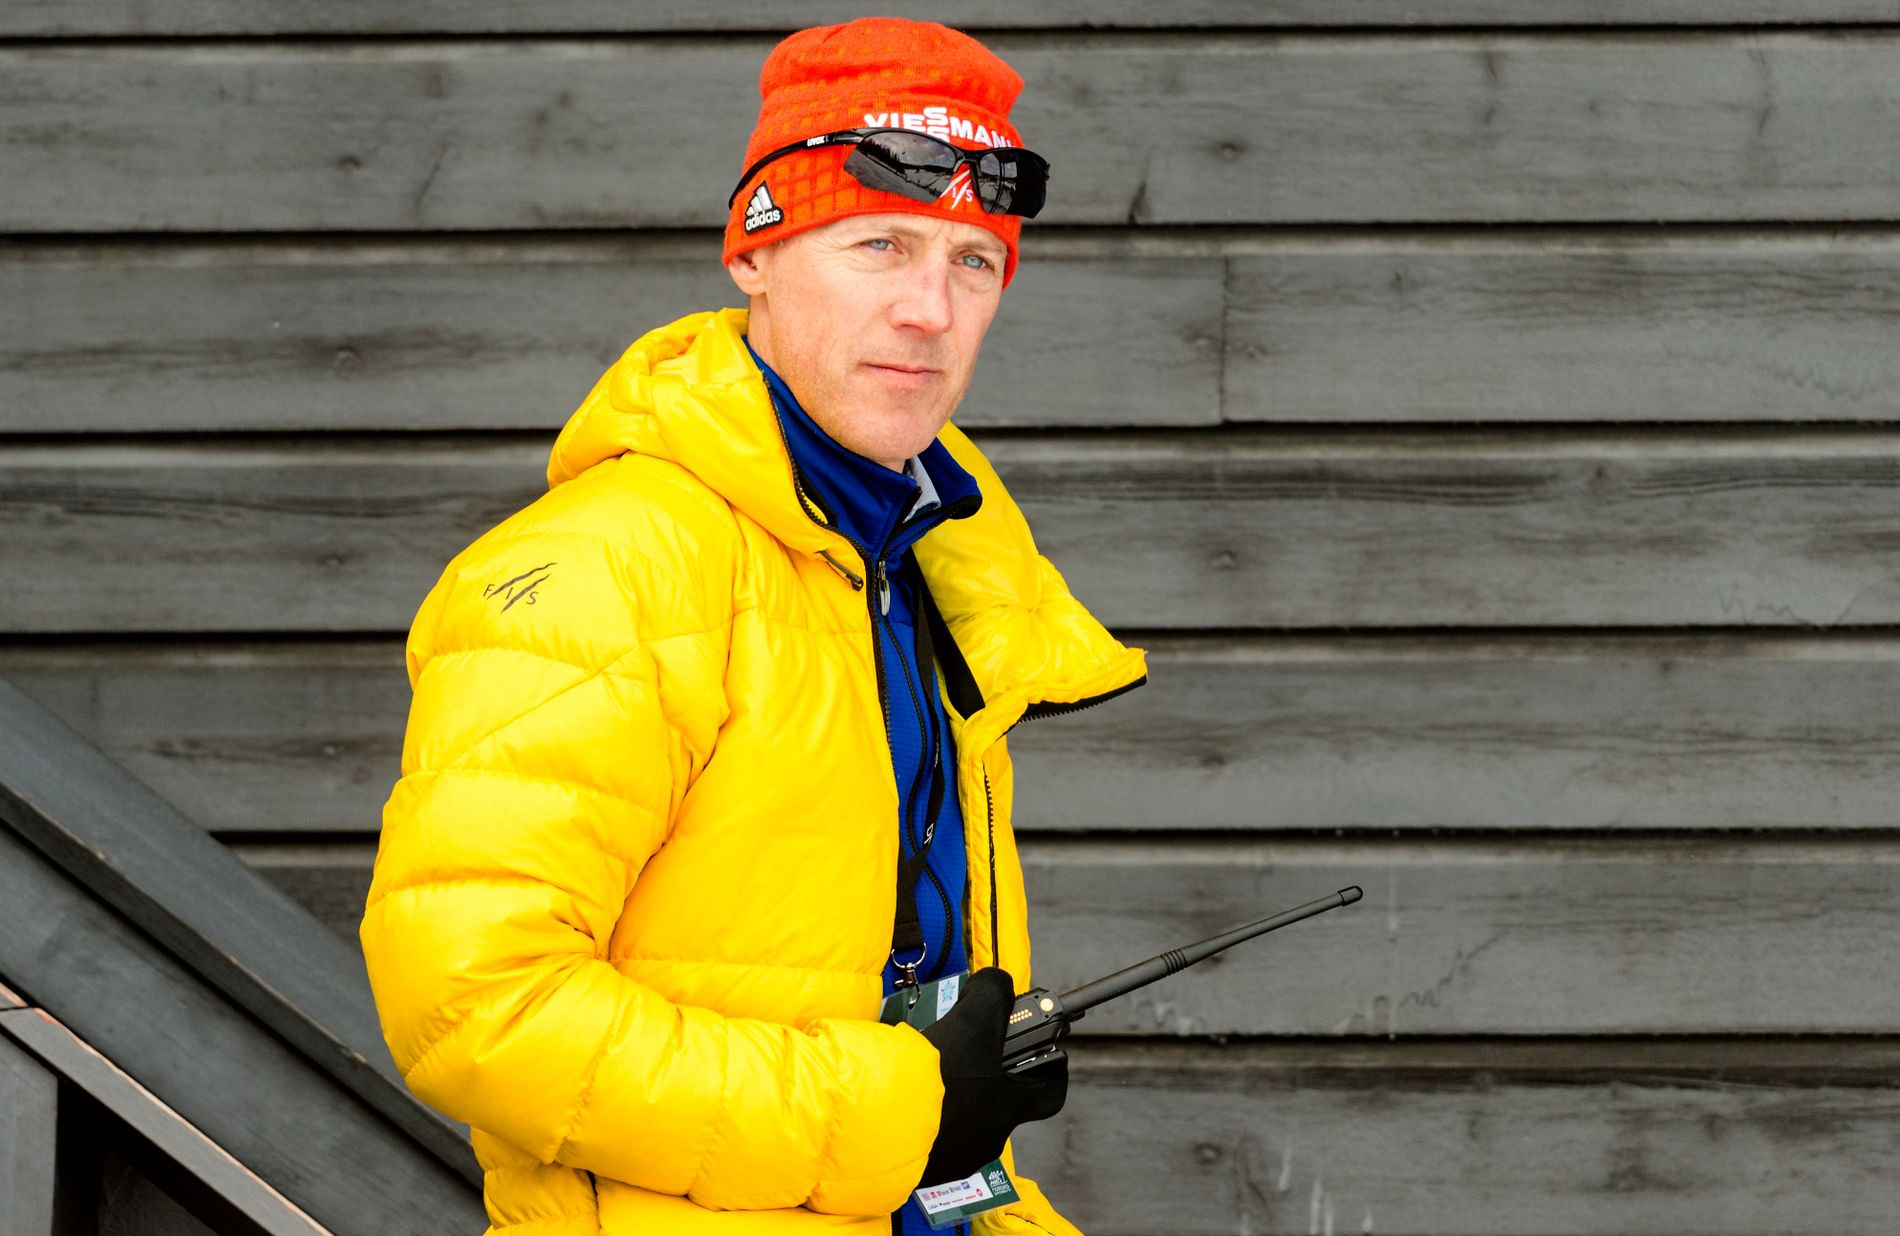 PÅ JOBB: Lasse Ottesen på jobb under onsdagens verdenscup i Granåsen.